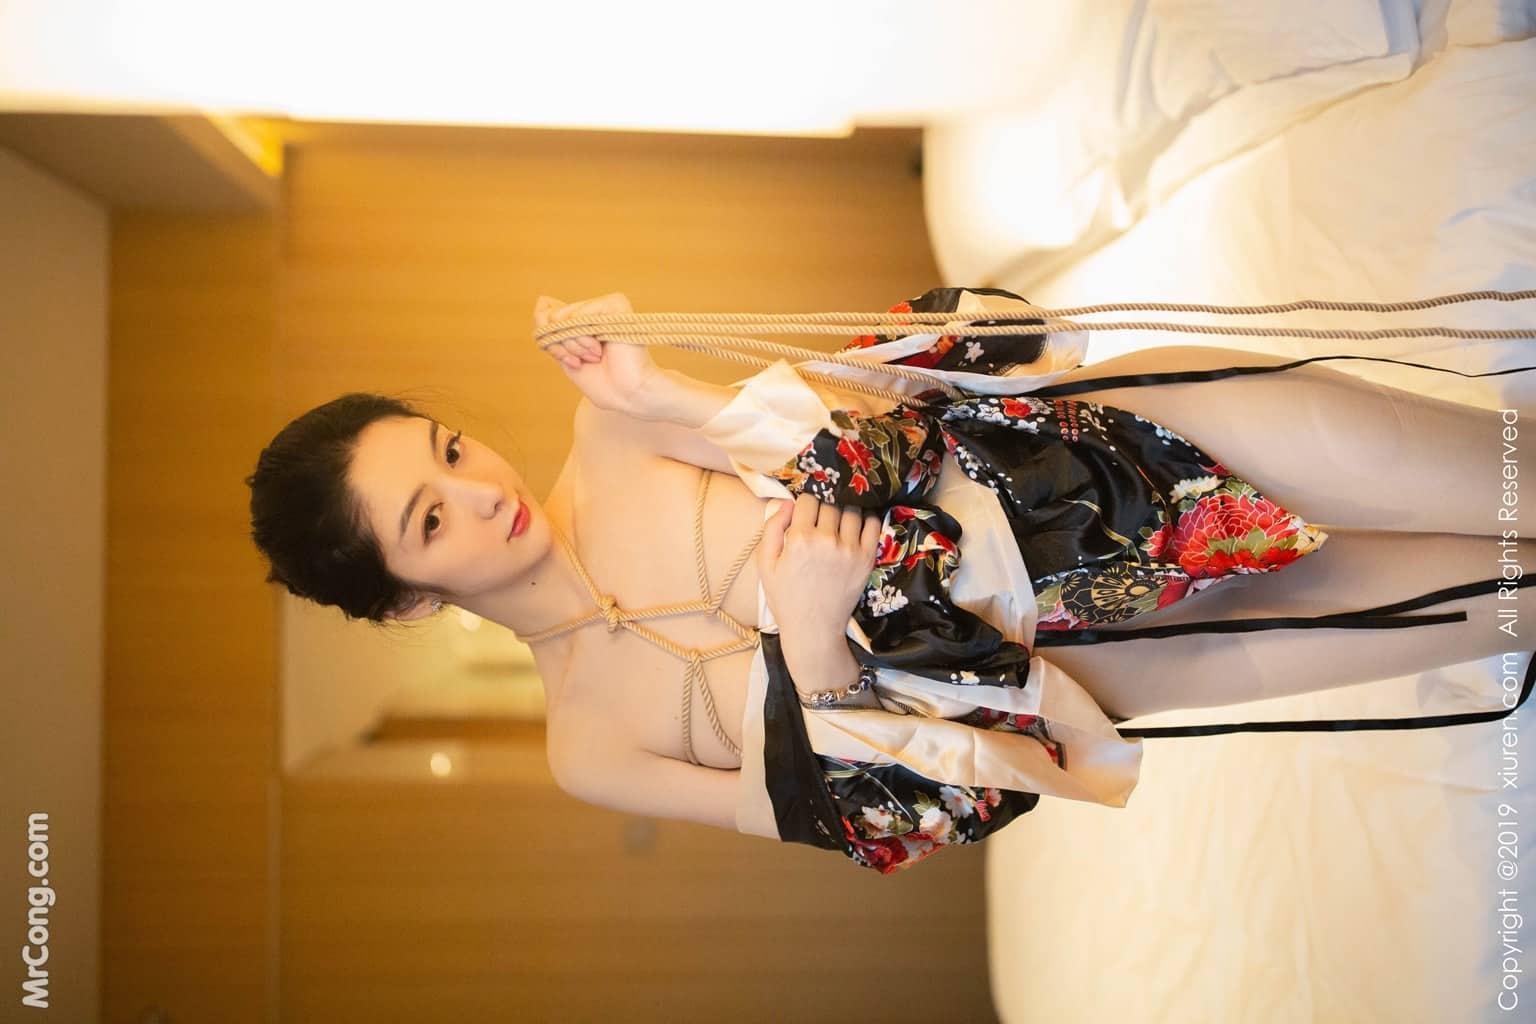 XIUREN-No.1444-Xiao-Reba-Angela-MrCong.com-006